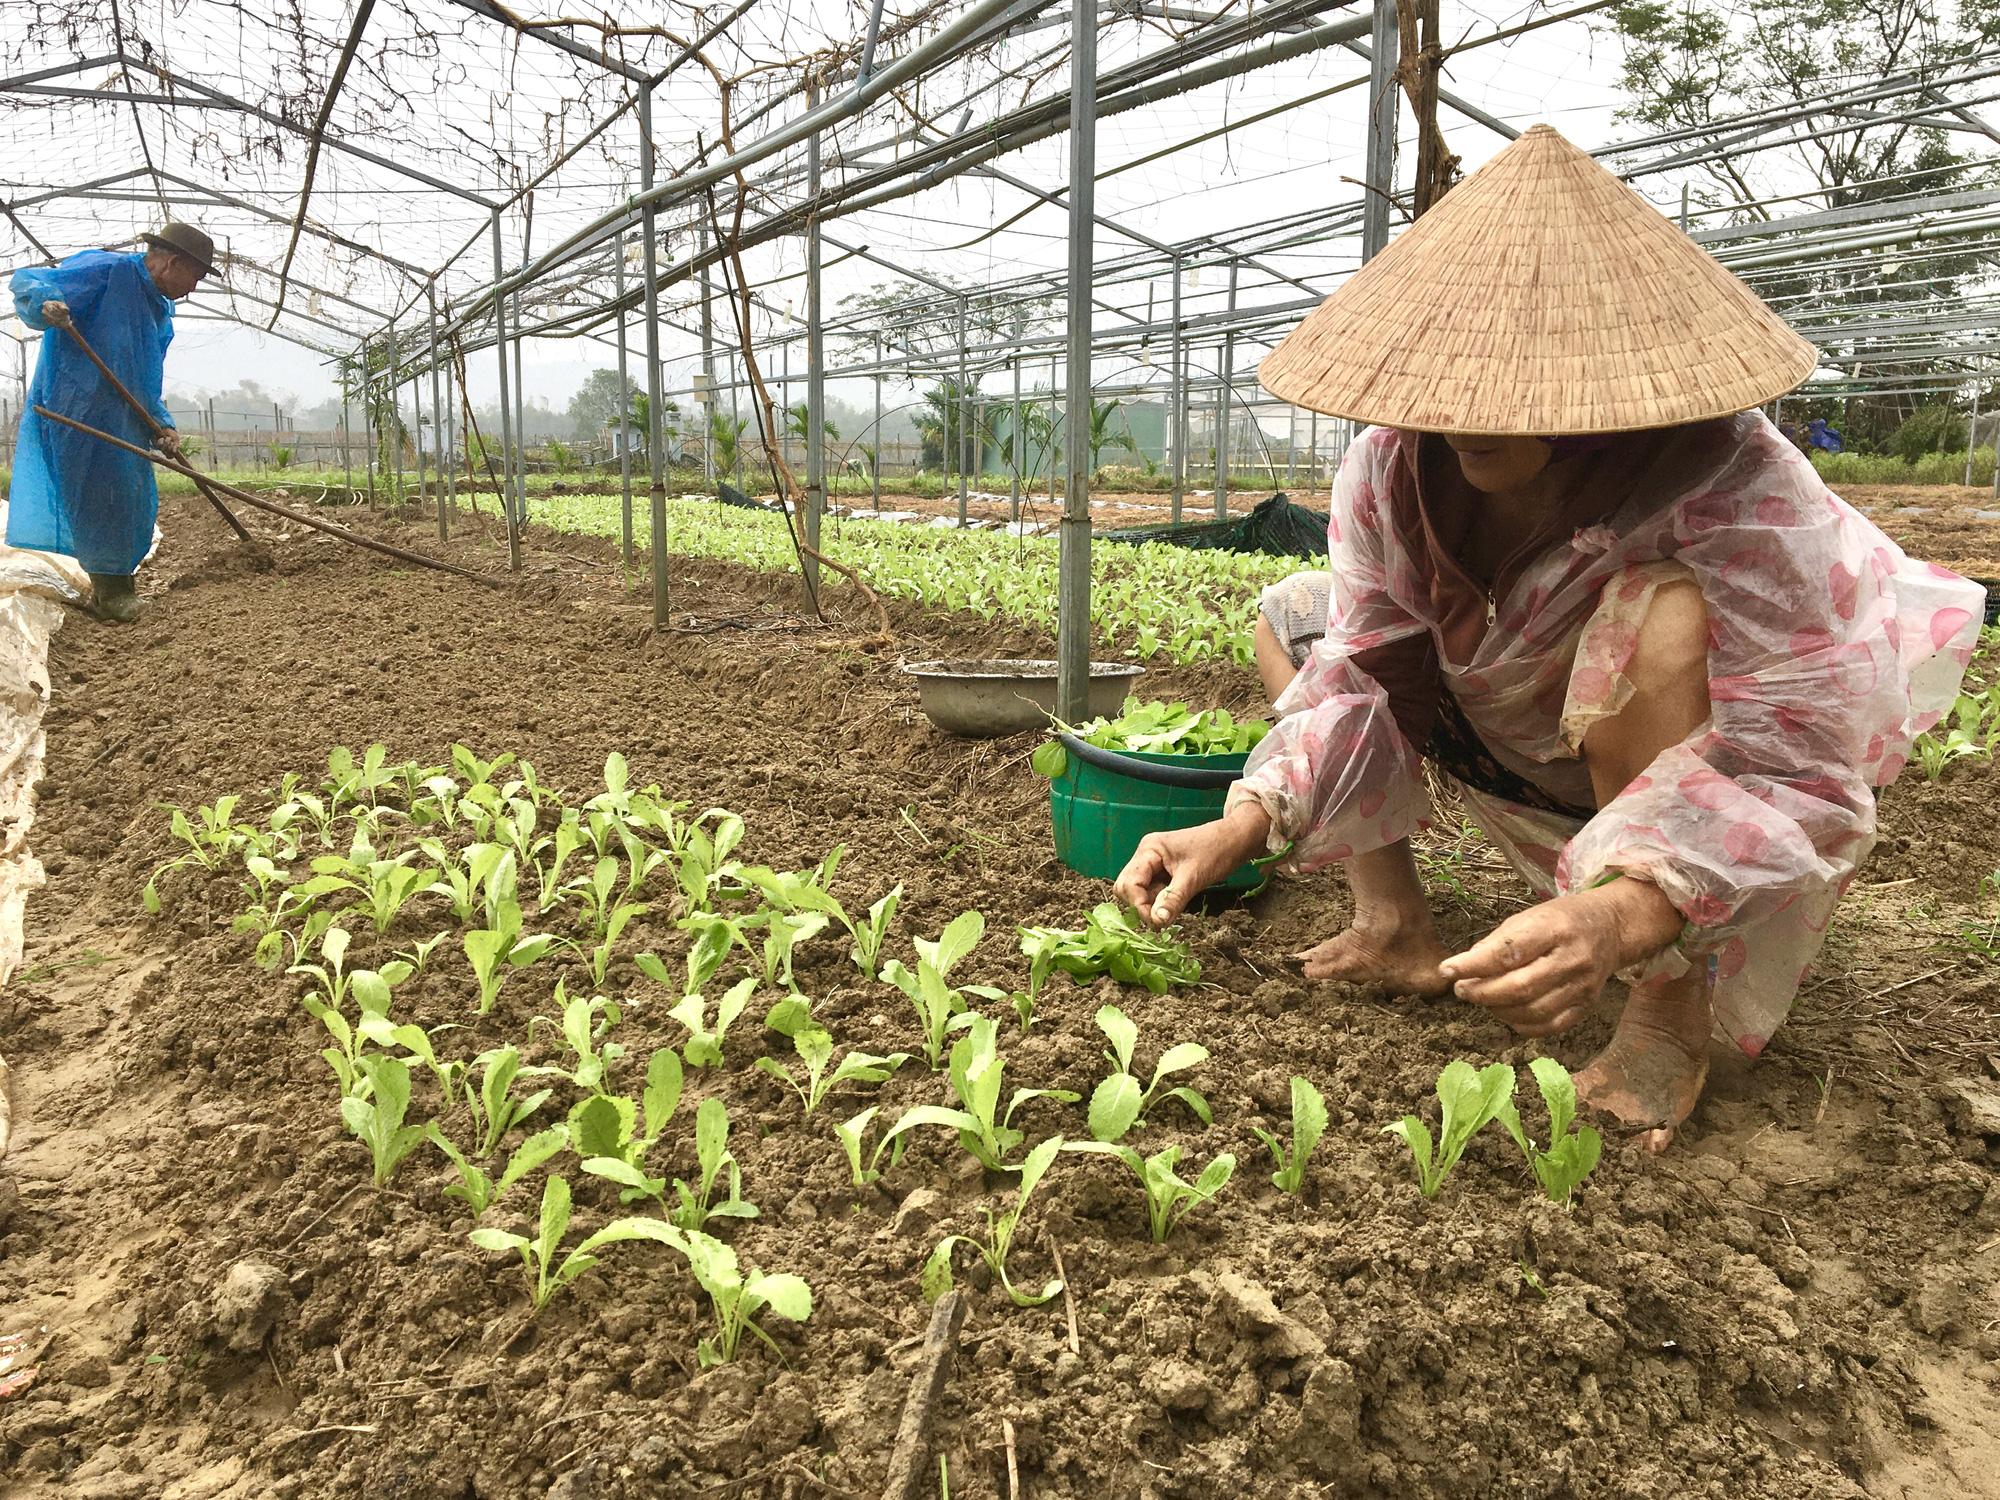 Đà Nẵng: Nông dân trồng rau thấp thỏm tái sản xuất sau mưa lũ dồn dập - Ảnh 2.